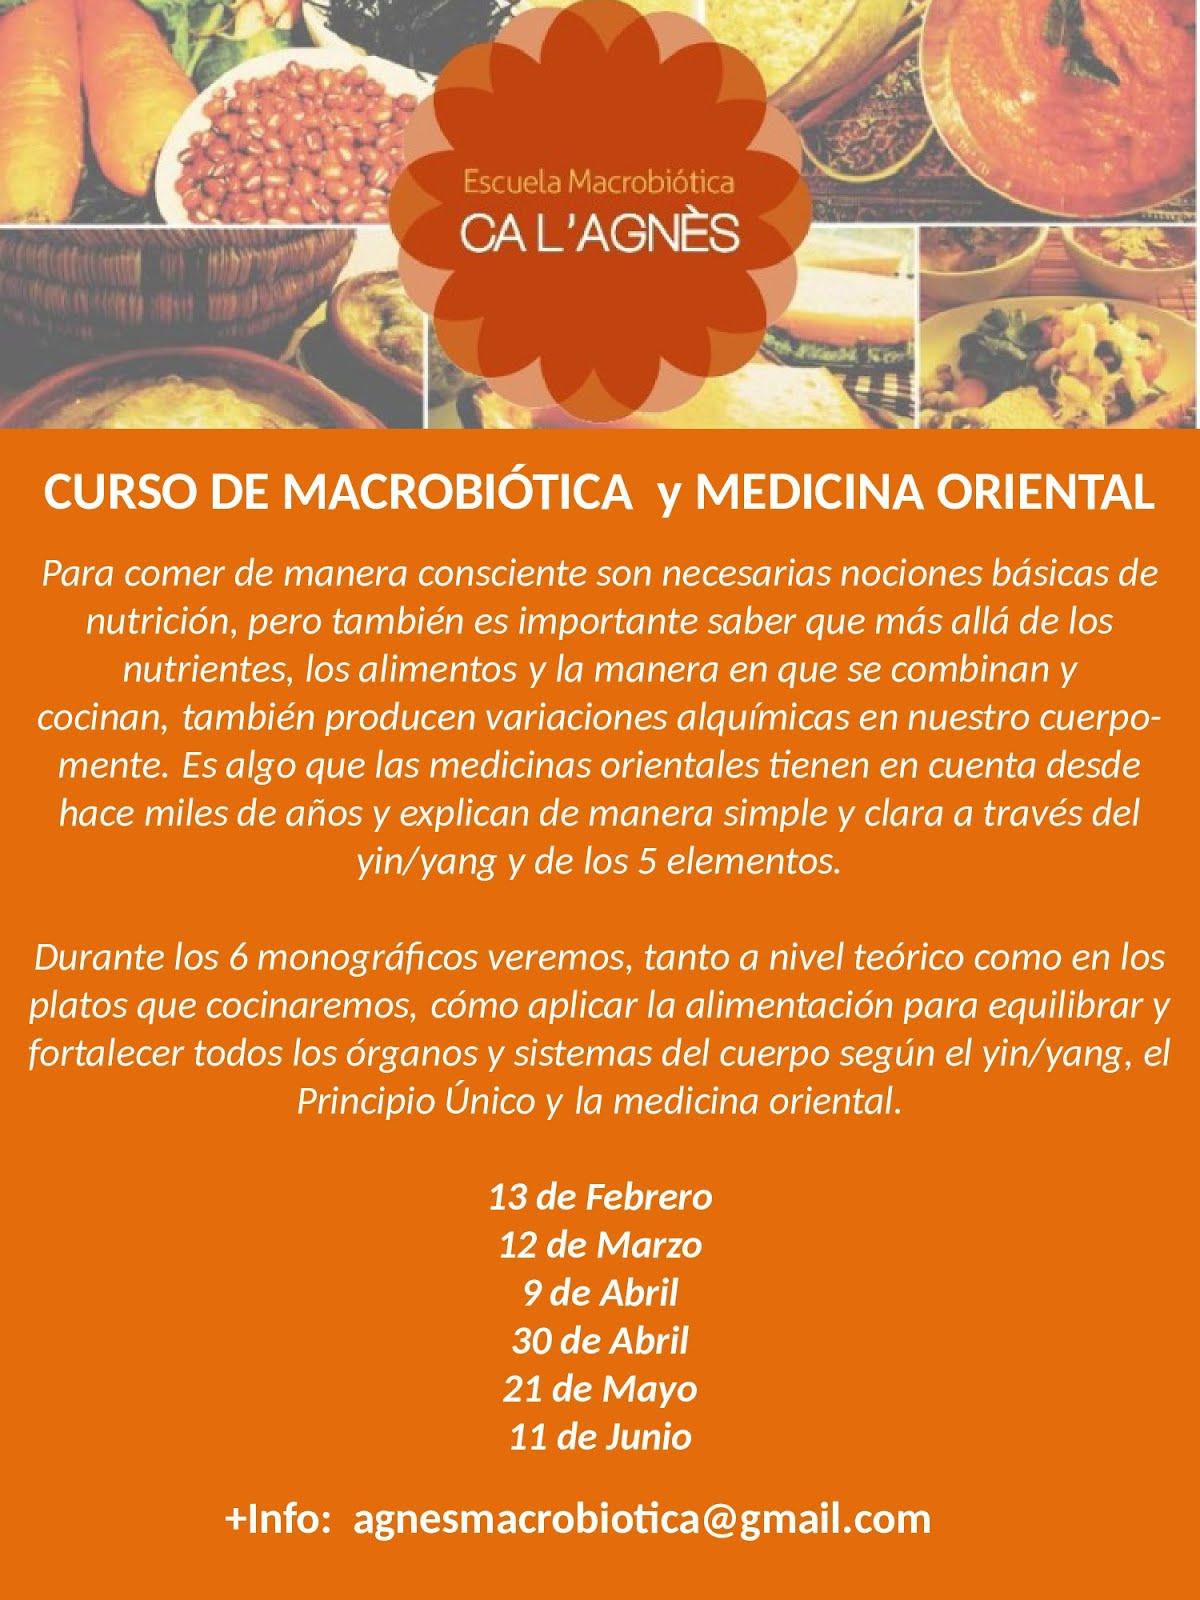 CURSO DE MACROBIÓTICA Y MEDICINA ORIENTAL